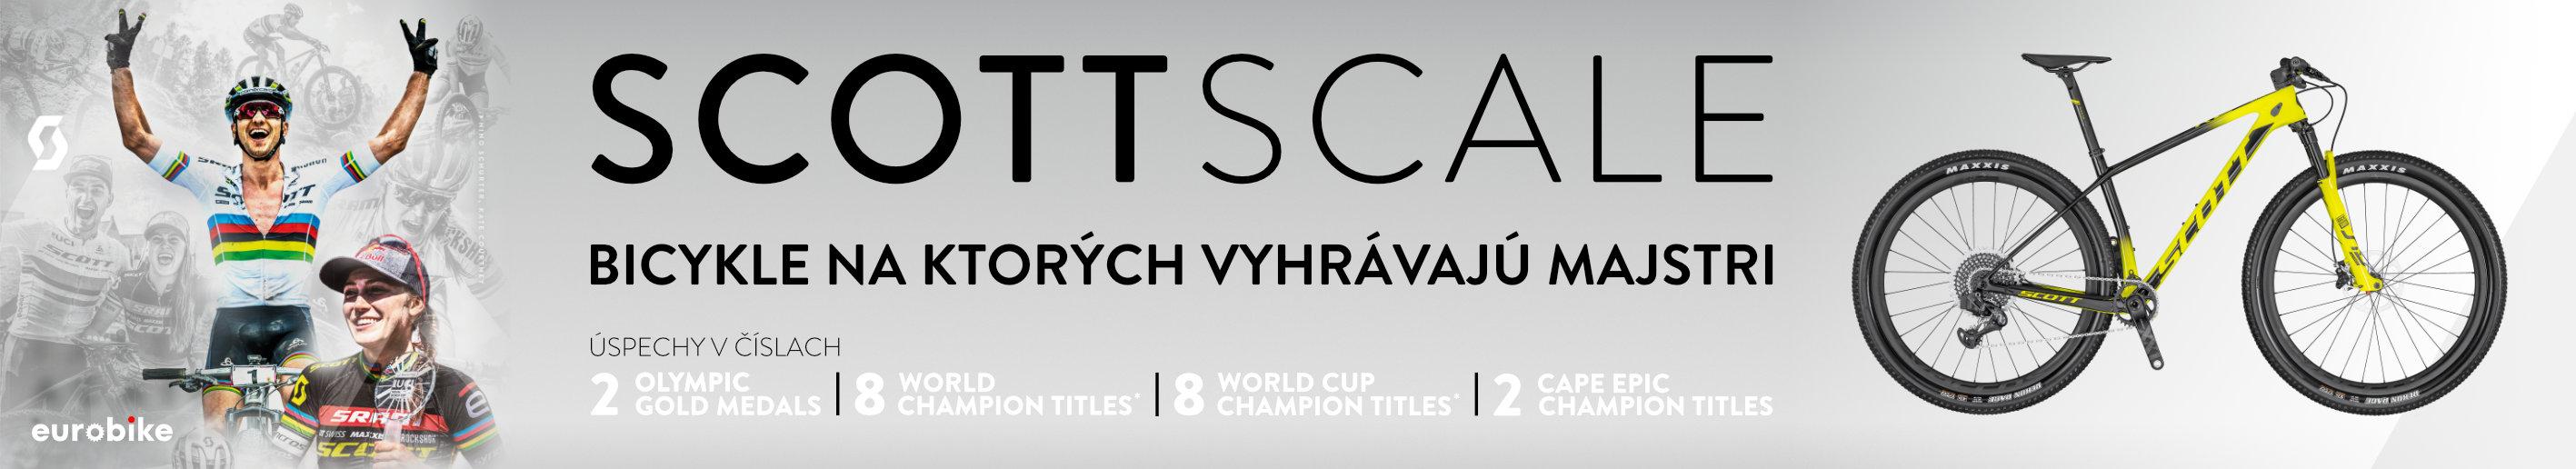 SCOTT Scale | Bicykle na ktorých vyhrávajú majstri!